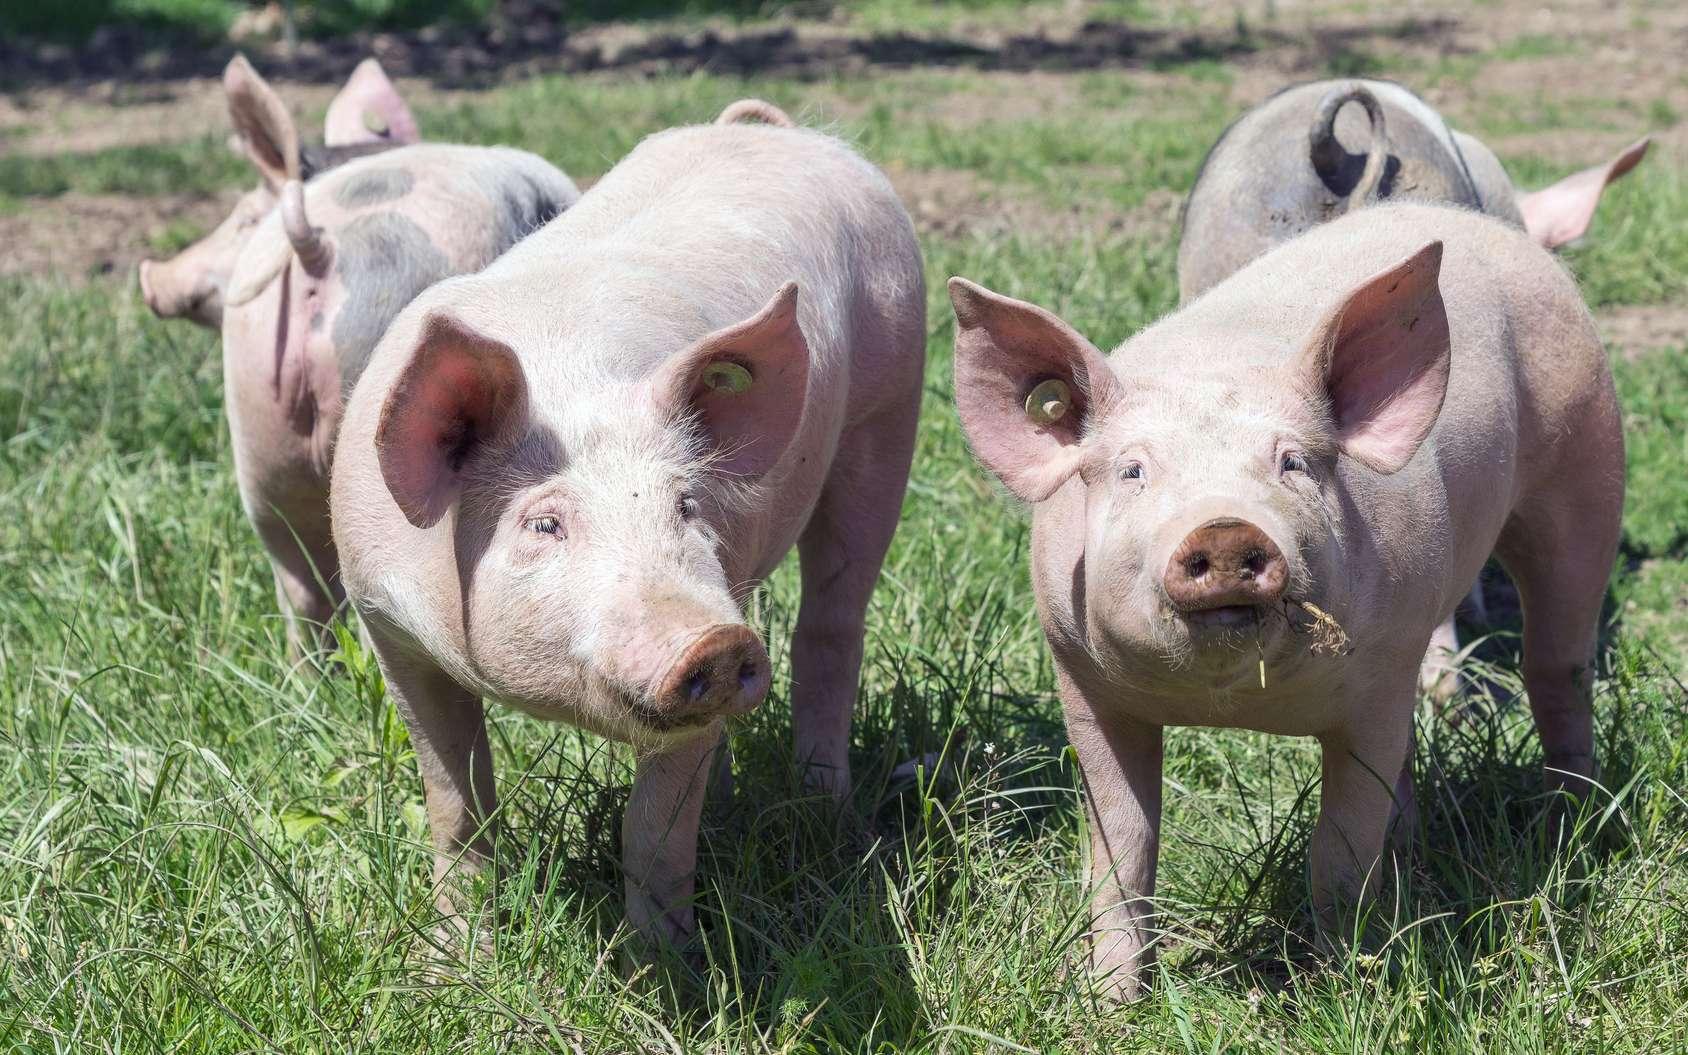 Alibaba compte révolutionner l'élevage porcin en Chine grâce à l'intelligence artificielle. © Sonja Birkelbach, Fotolia